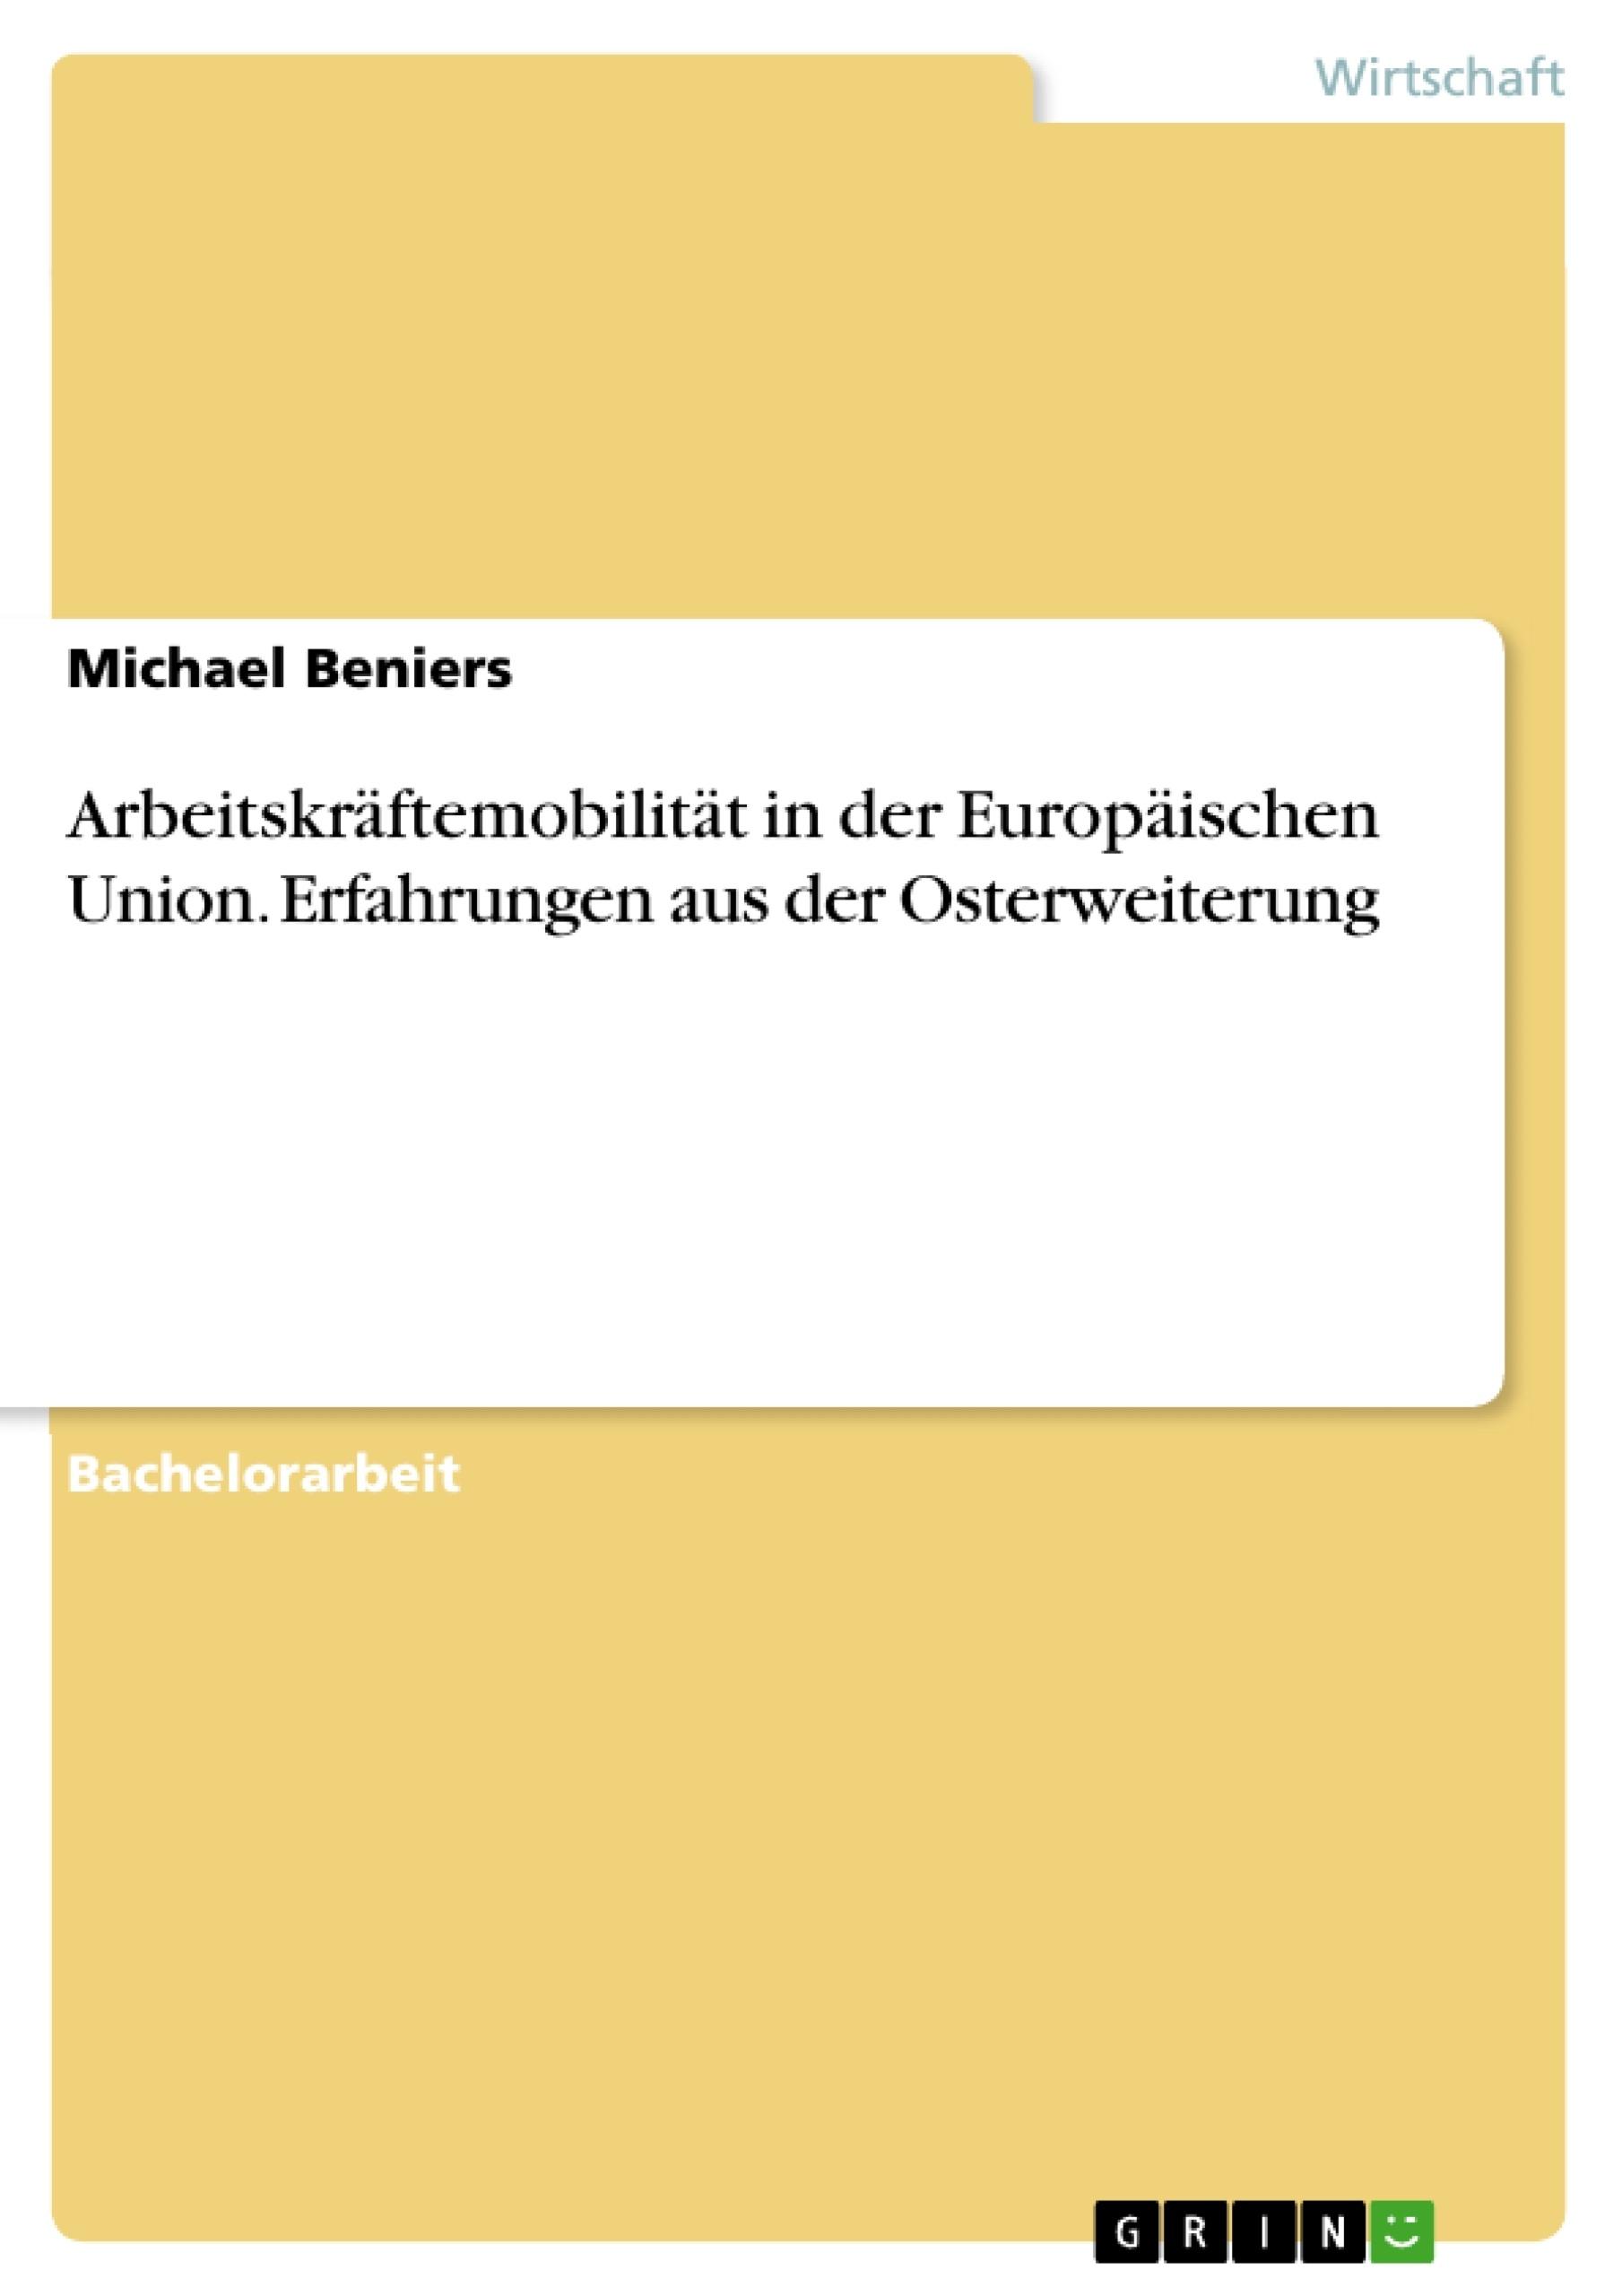 Titel: Arbeitskräftemobilität in der Europäischen Union. Erfahrungen aus der Osterweiterung